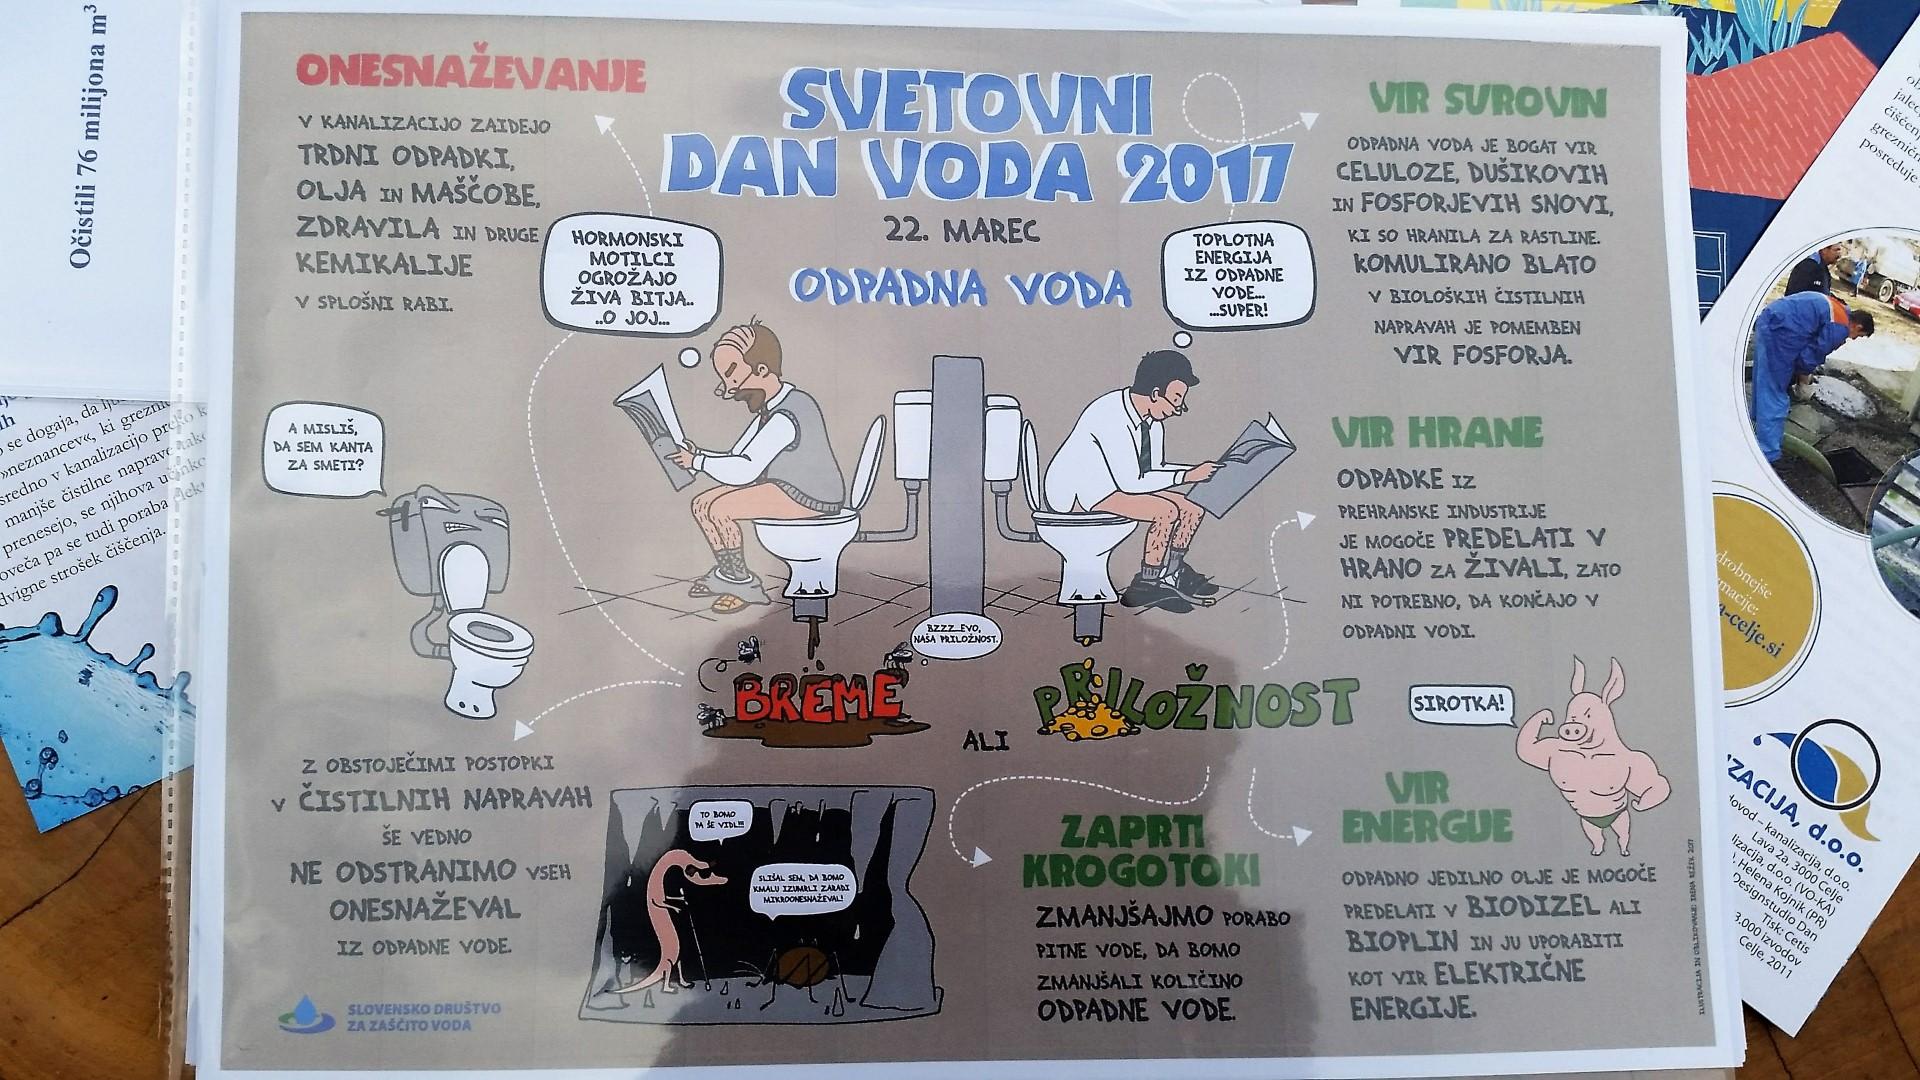 Svetovni_dan_vode_22.3_13_Large.jpg